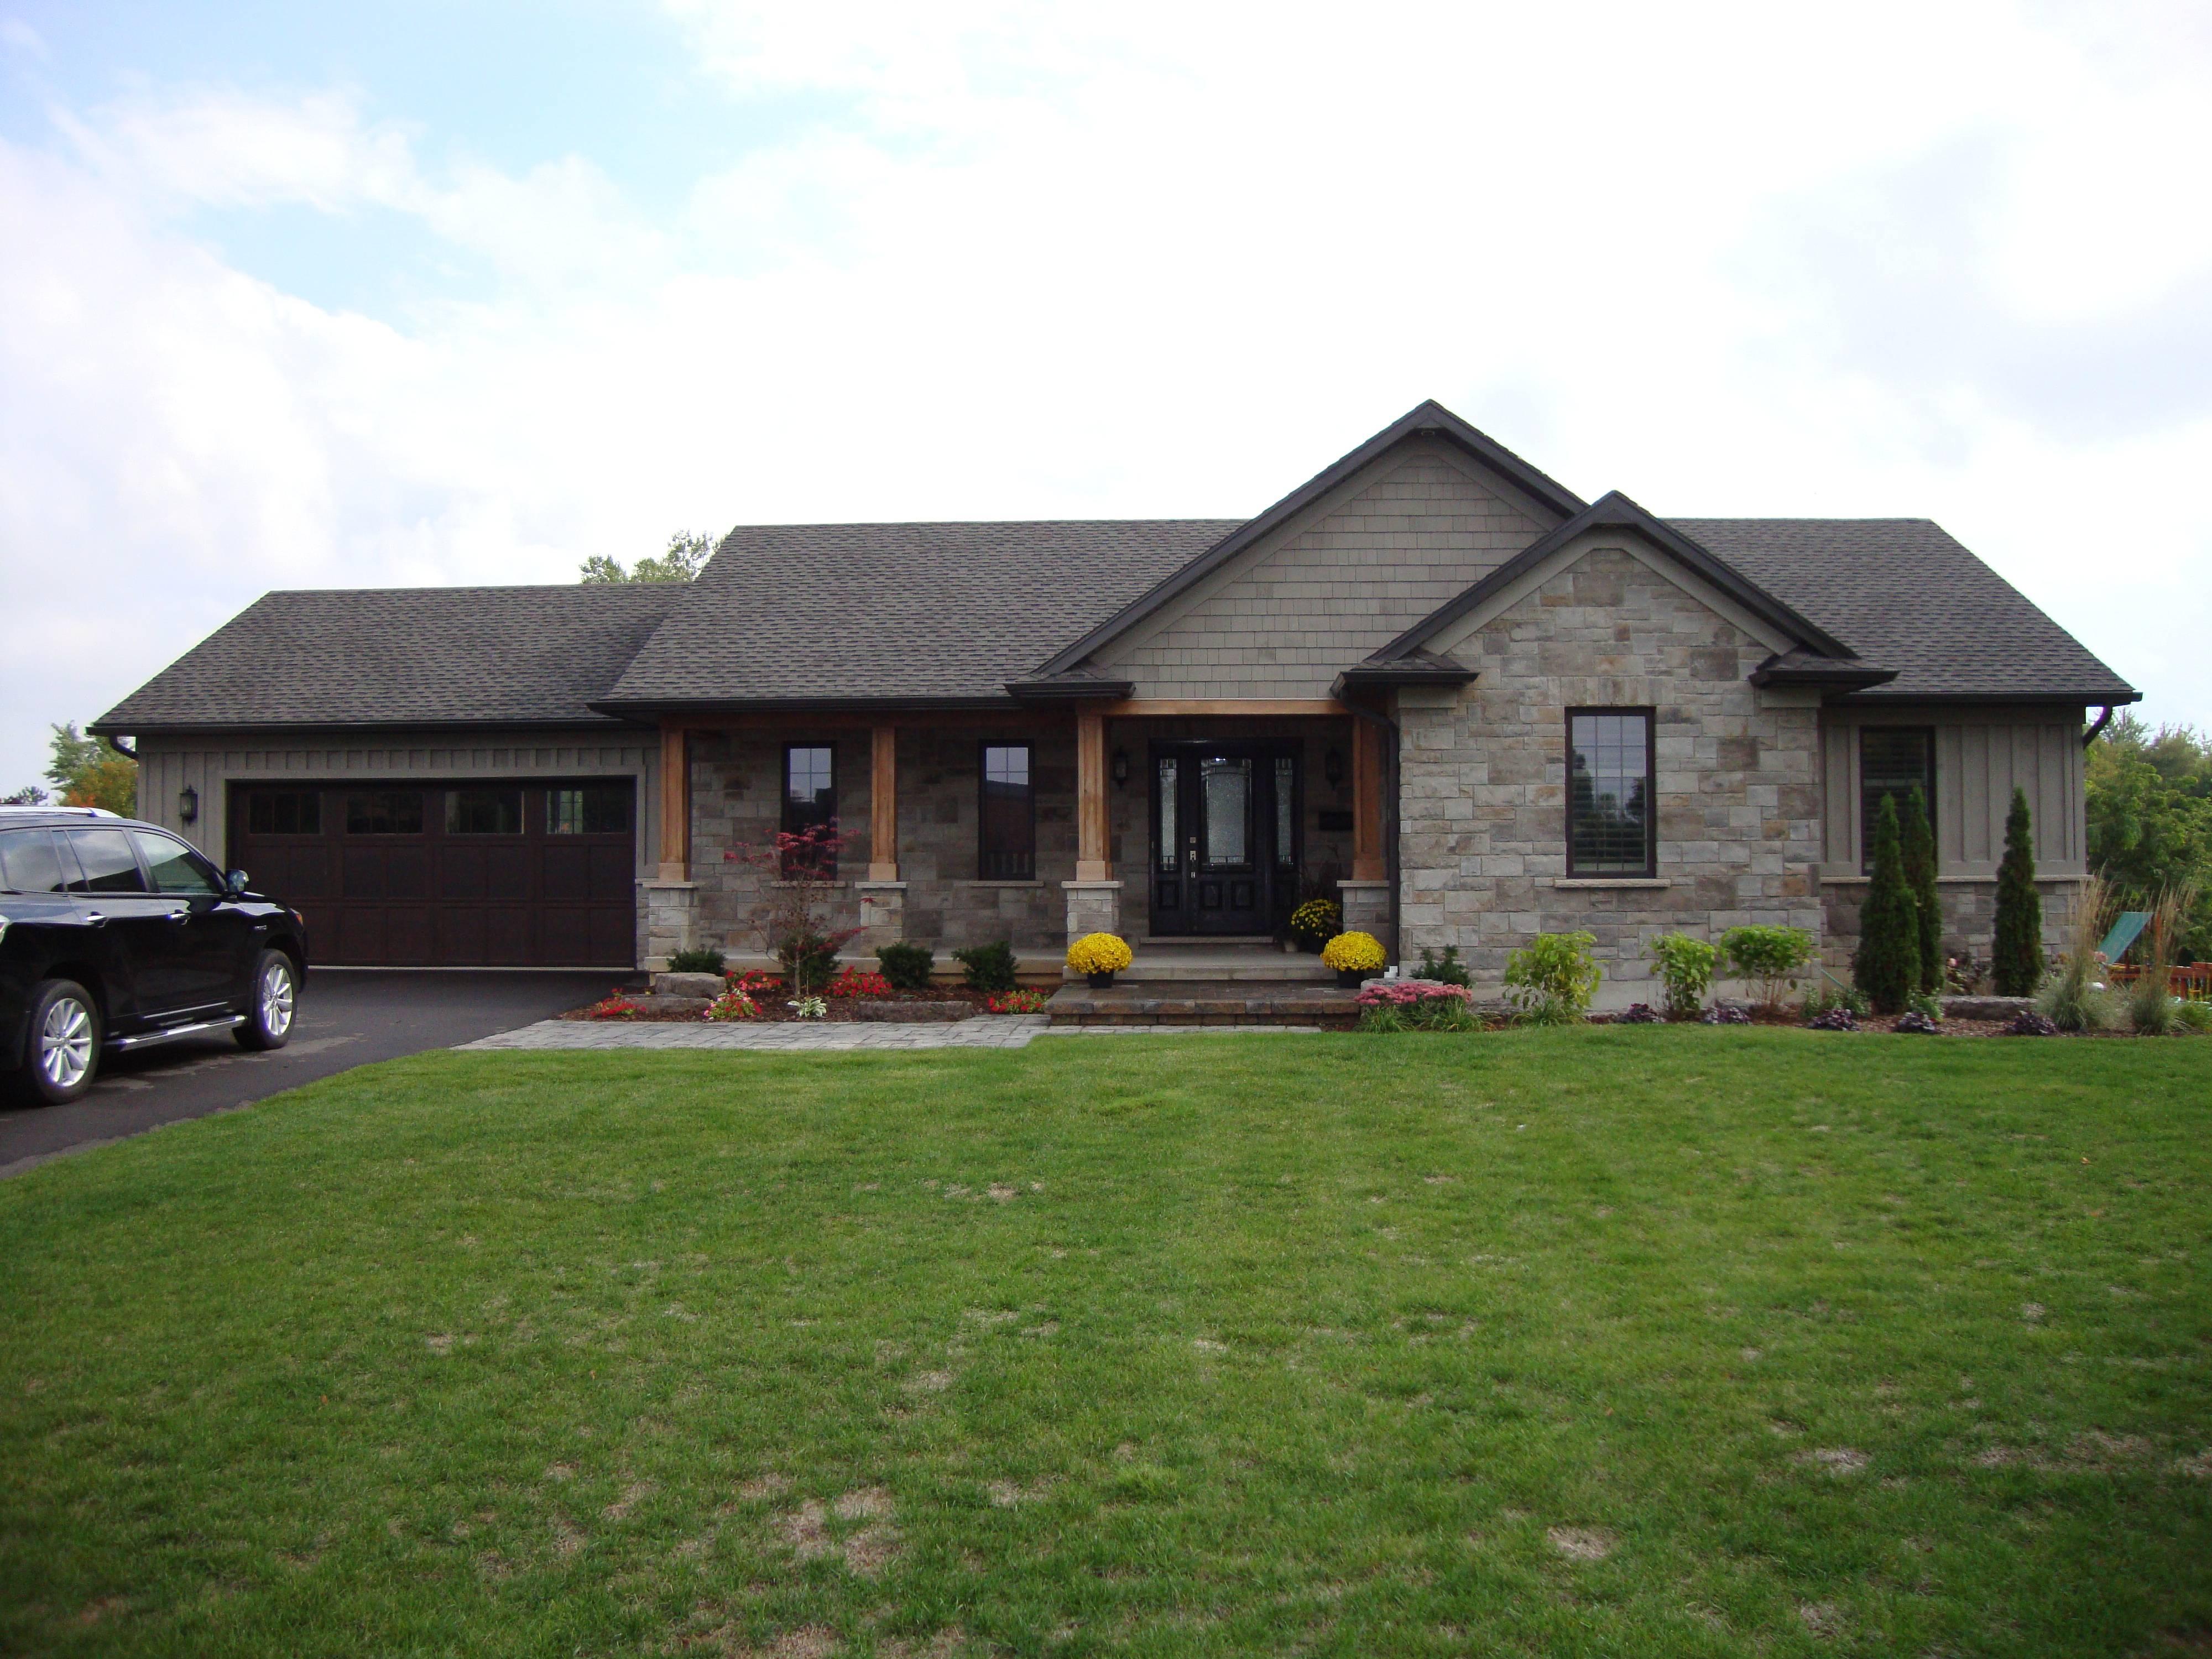 House Plans Home Designs Floor Blueprints Select 4622611 House Plans Home Designs Floor Blueprints Select Home Plans